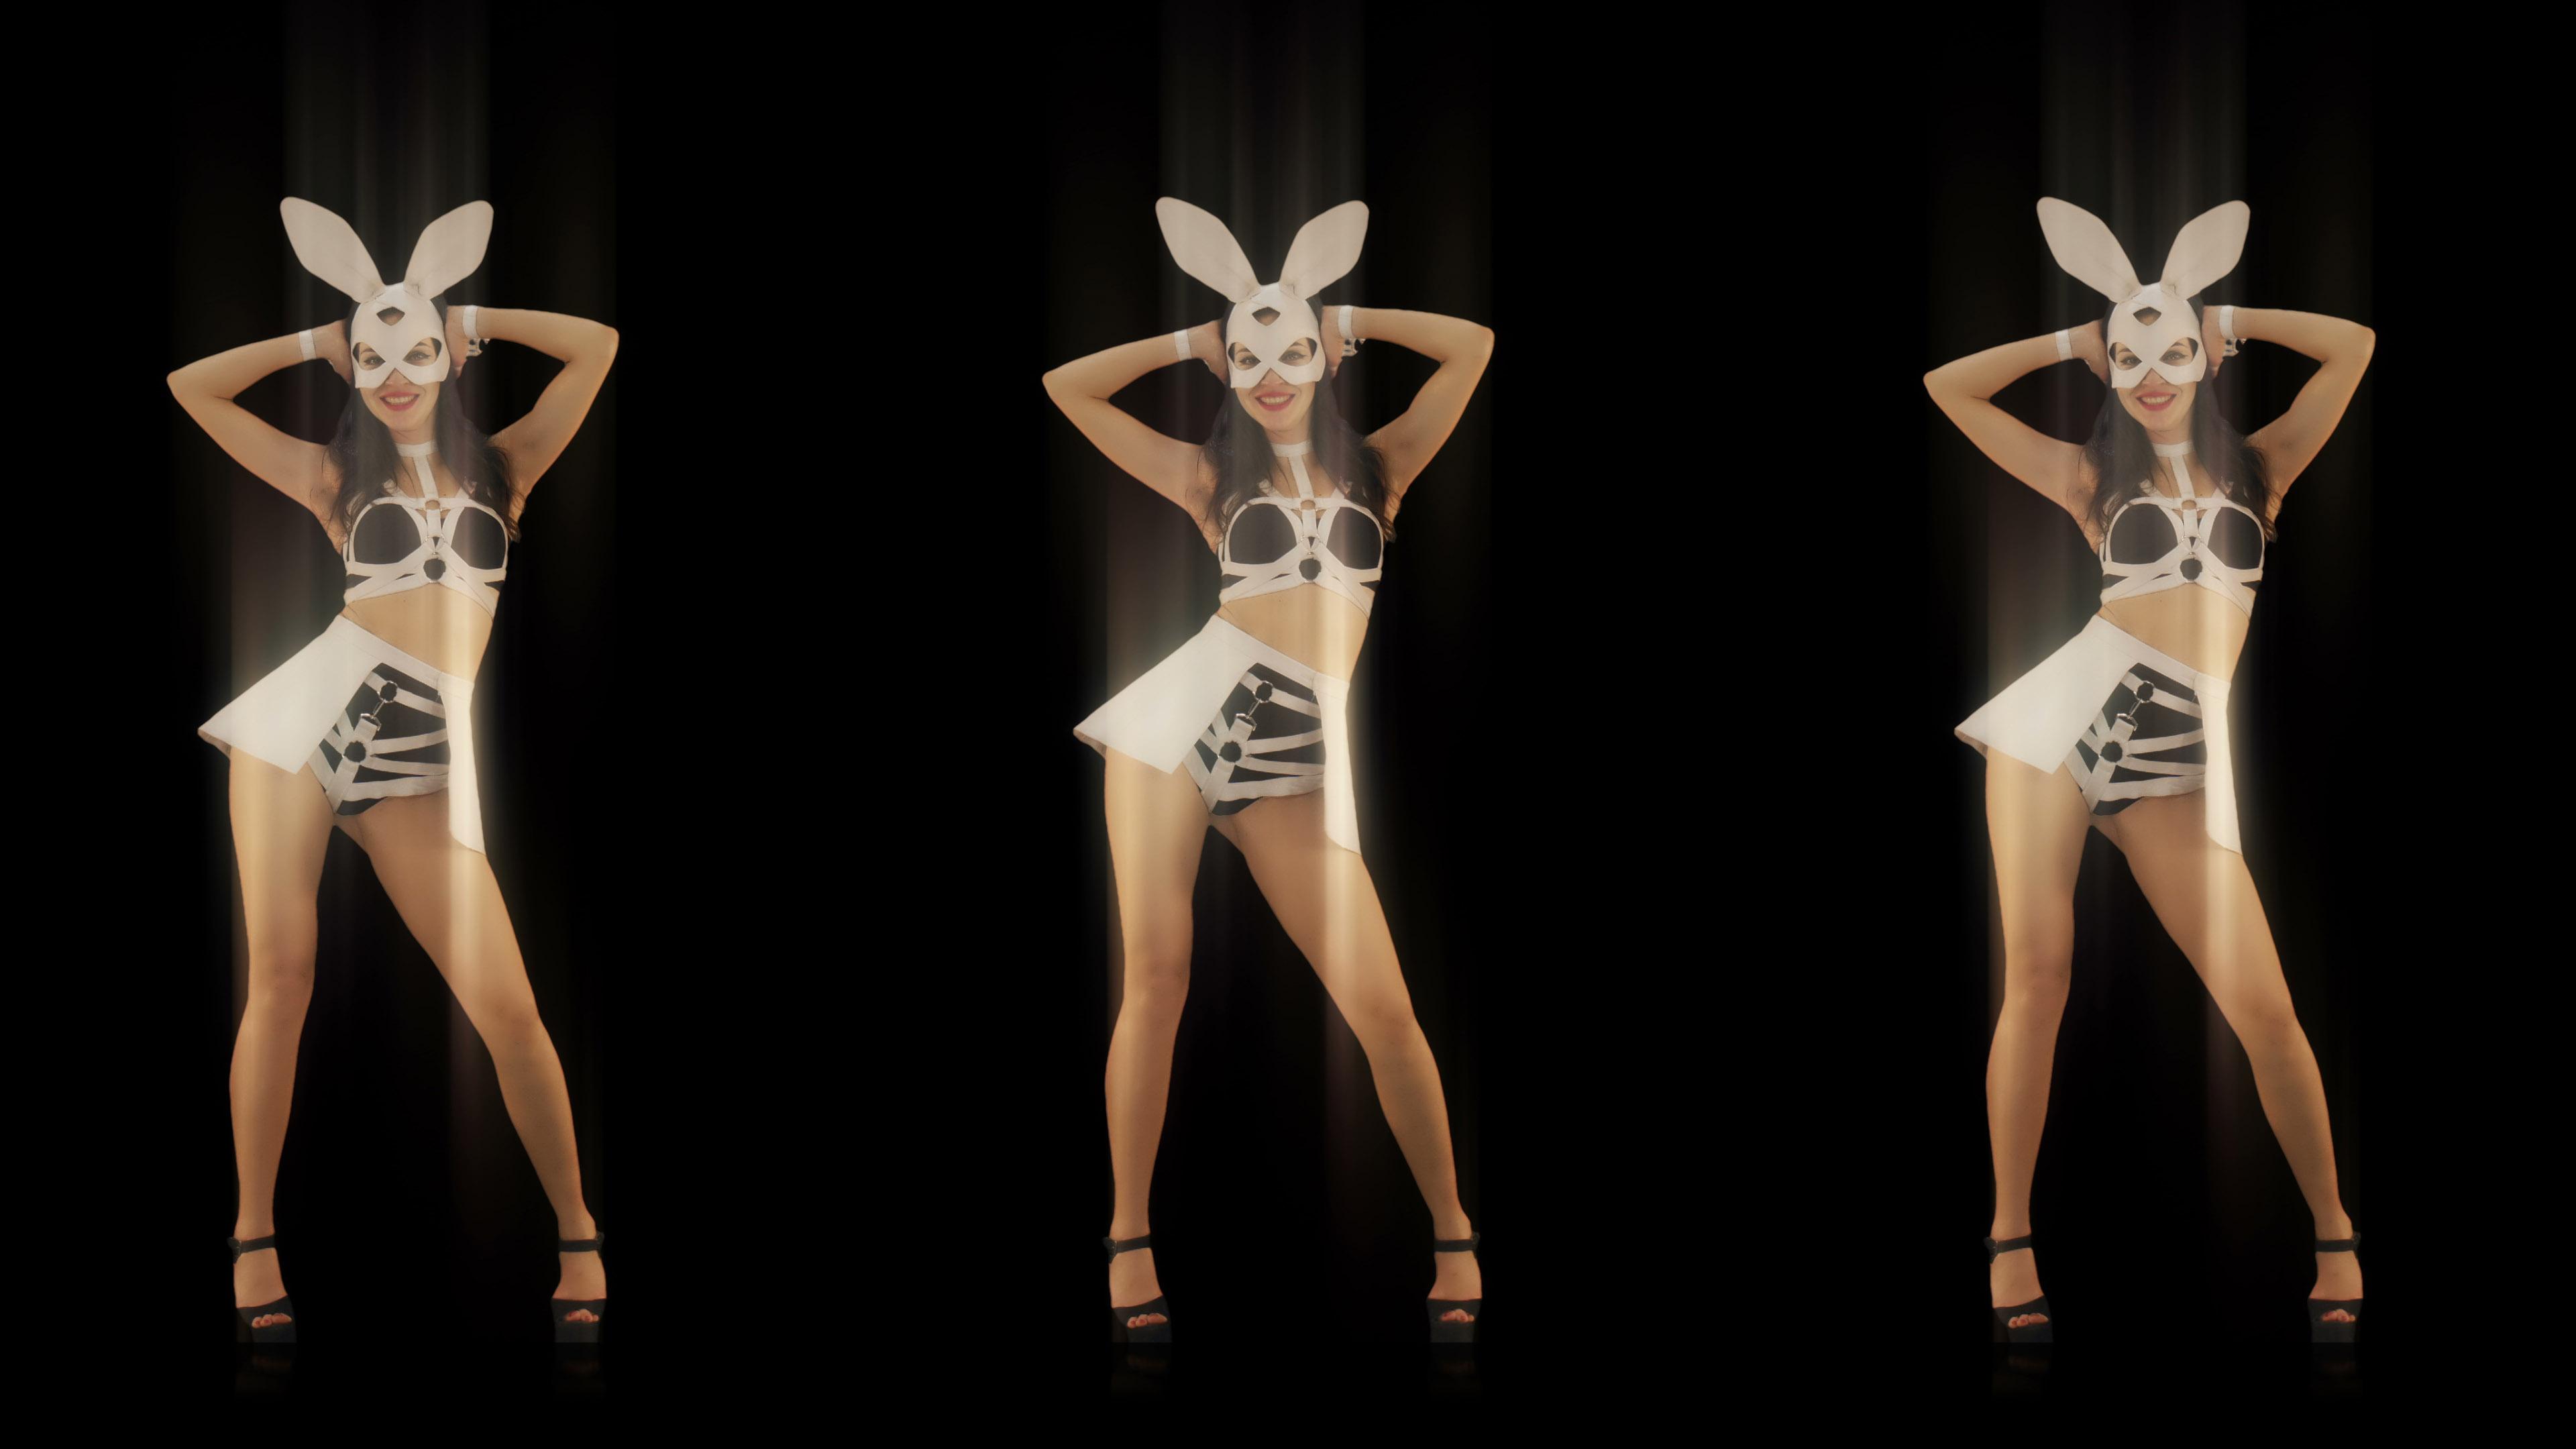 Rabhit_Bunny_Girls_Go_Go_Dancing_Vj_Loop_Video_Art